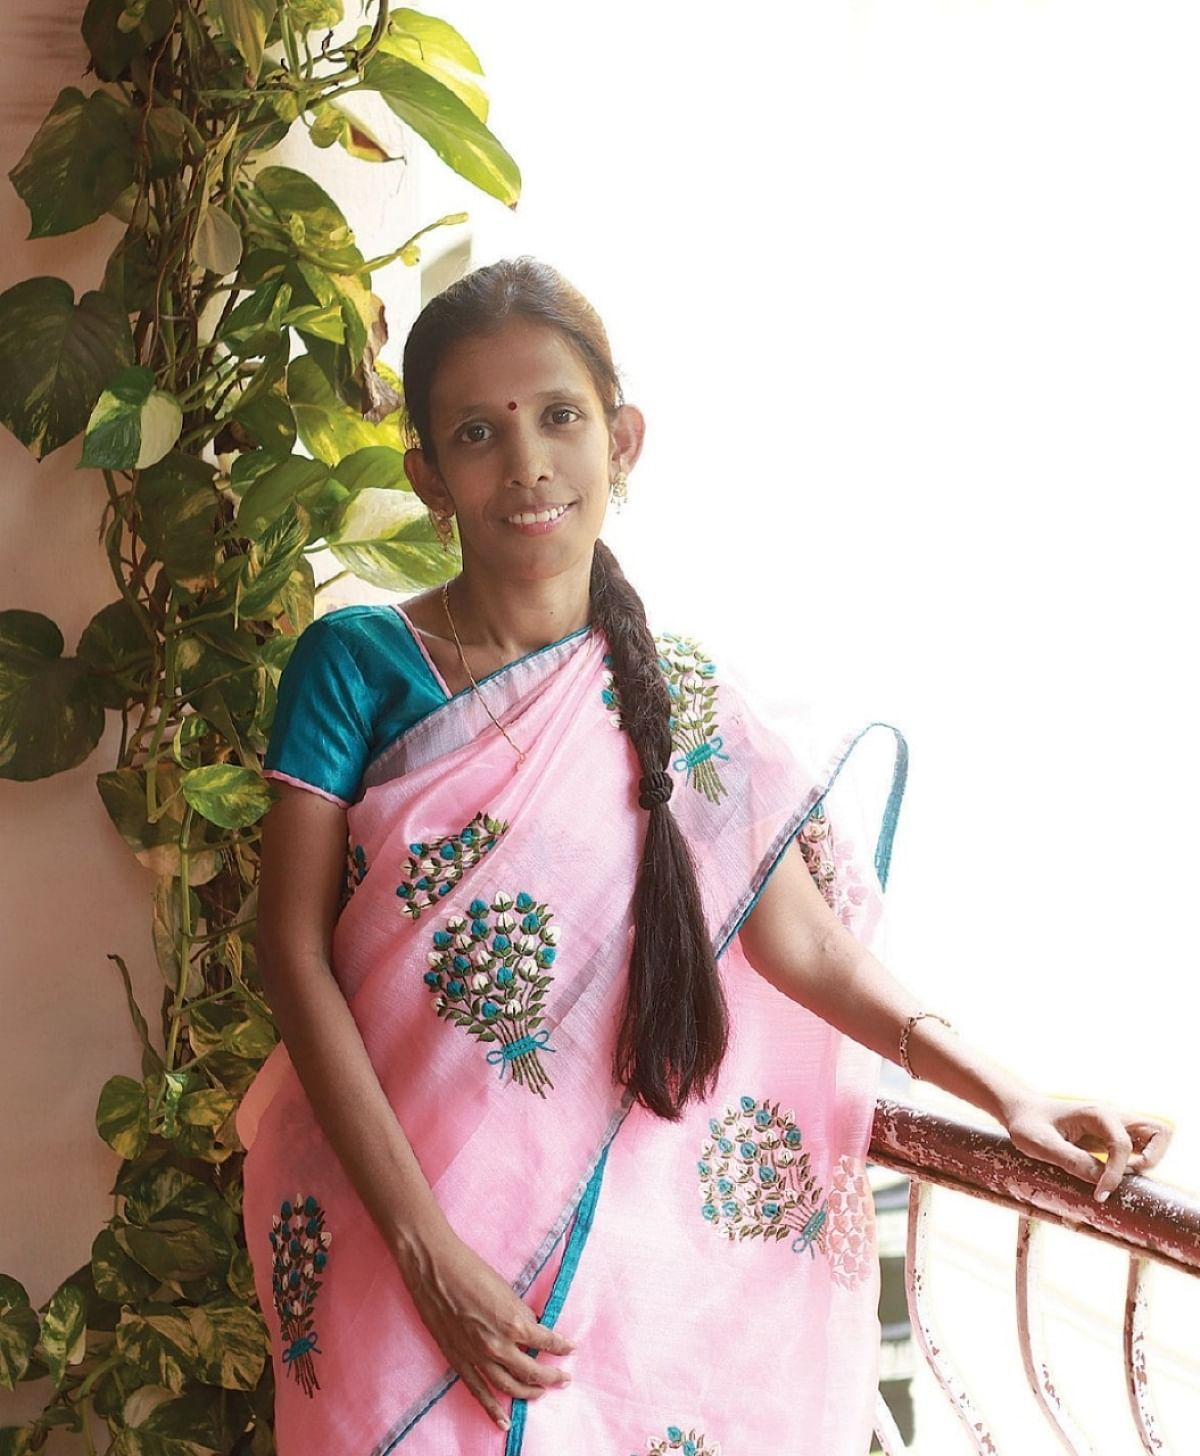 வழக்கறிஞர் மும்தாஜ் சூர்யா